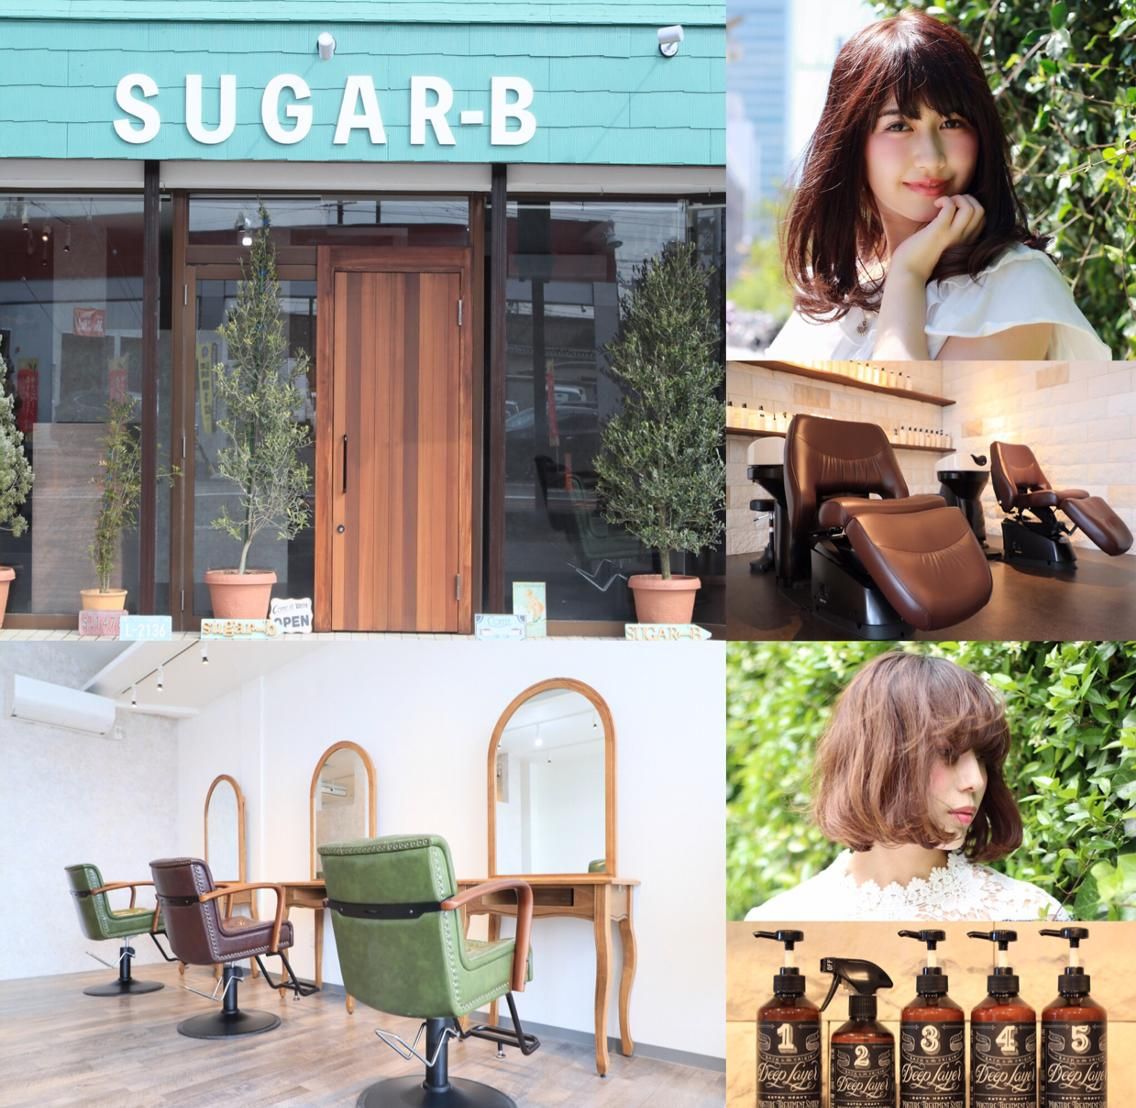 【新宿 sugar-B 】新宿駅4分 10:00〜23:00 当日予約OK。ミニモ限定クーポン。マンツーマンでカウンセリングからスタイリングまで担当します。